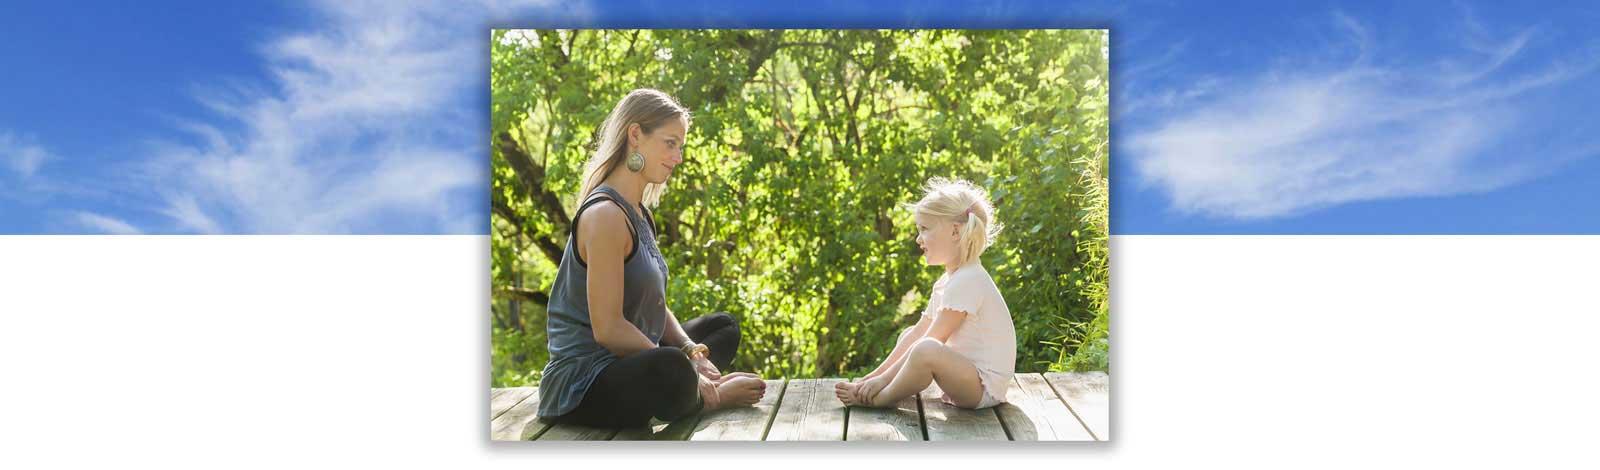 méditation une mère avec sa fille